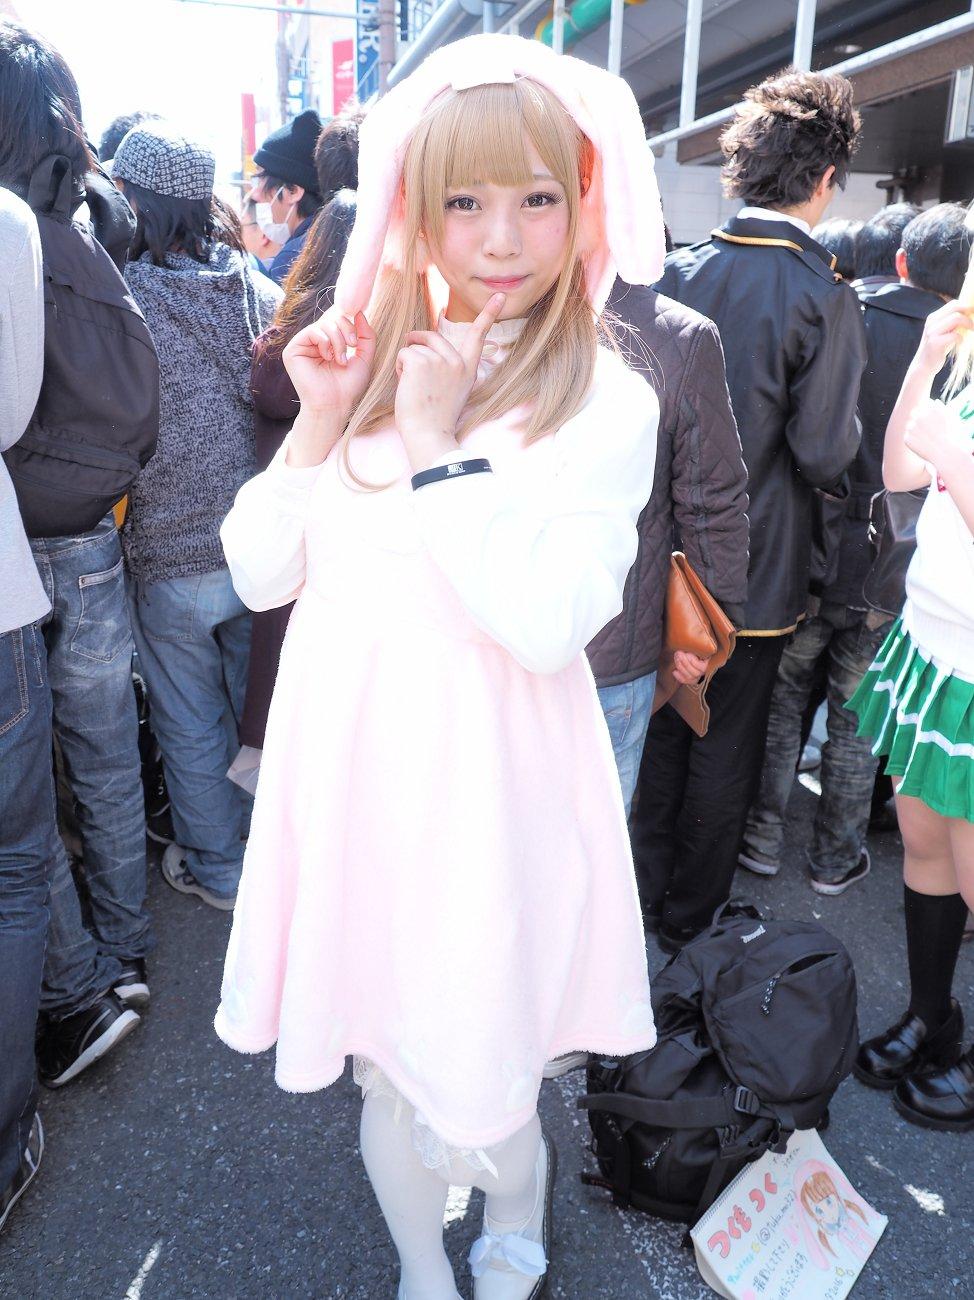 画像,つくもつくさん(@tuku_mo32 )オリジナルうさぎさんストフェスでも撮影させていただきありがとうございました(礼)#ストフェス #ストフェス2016 #ス…